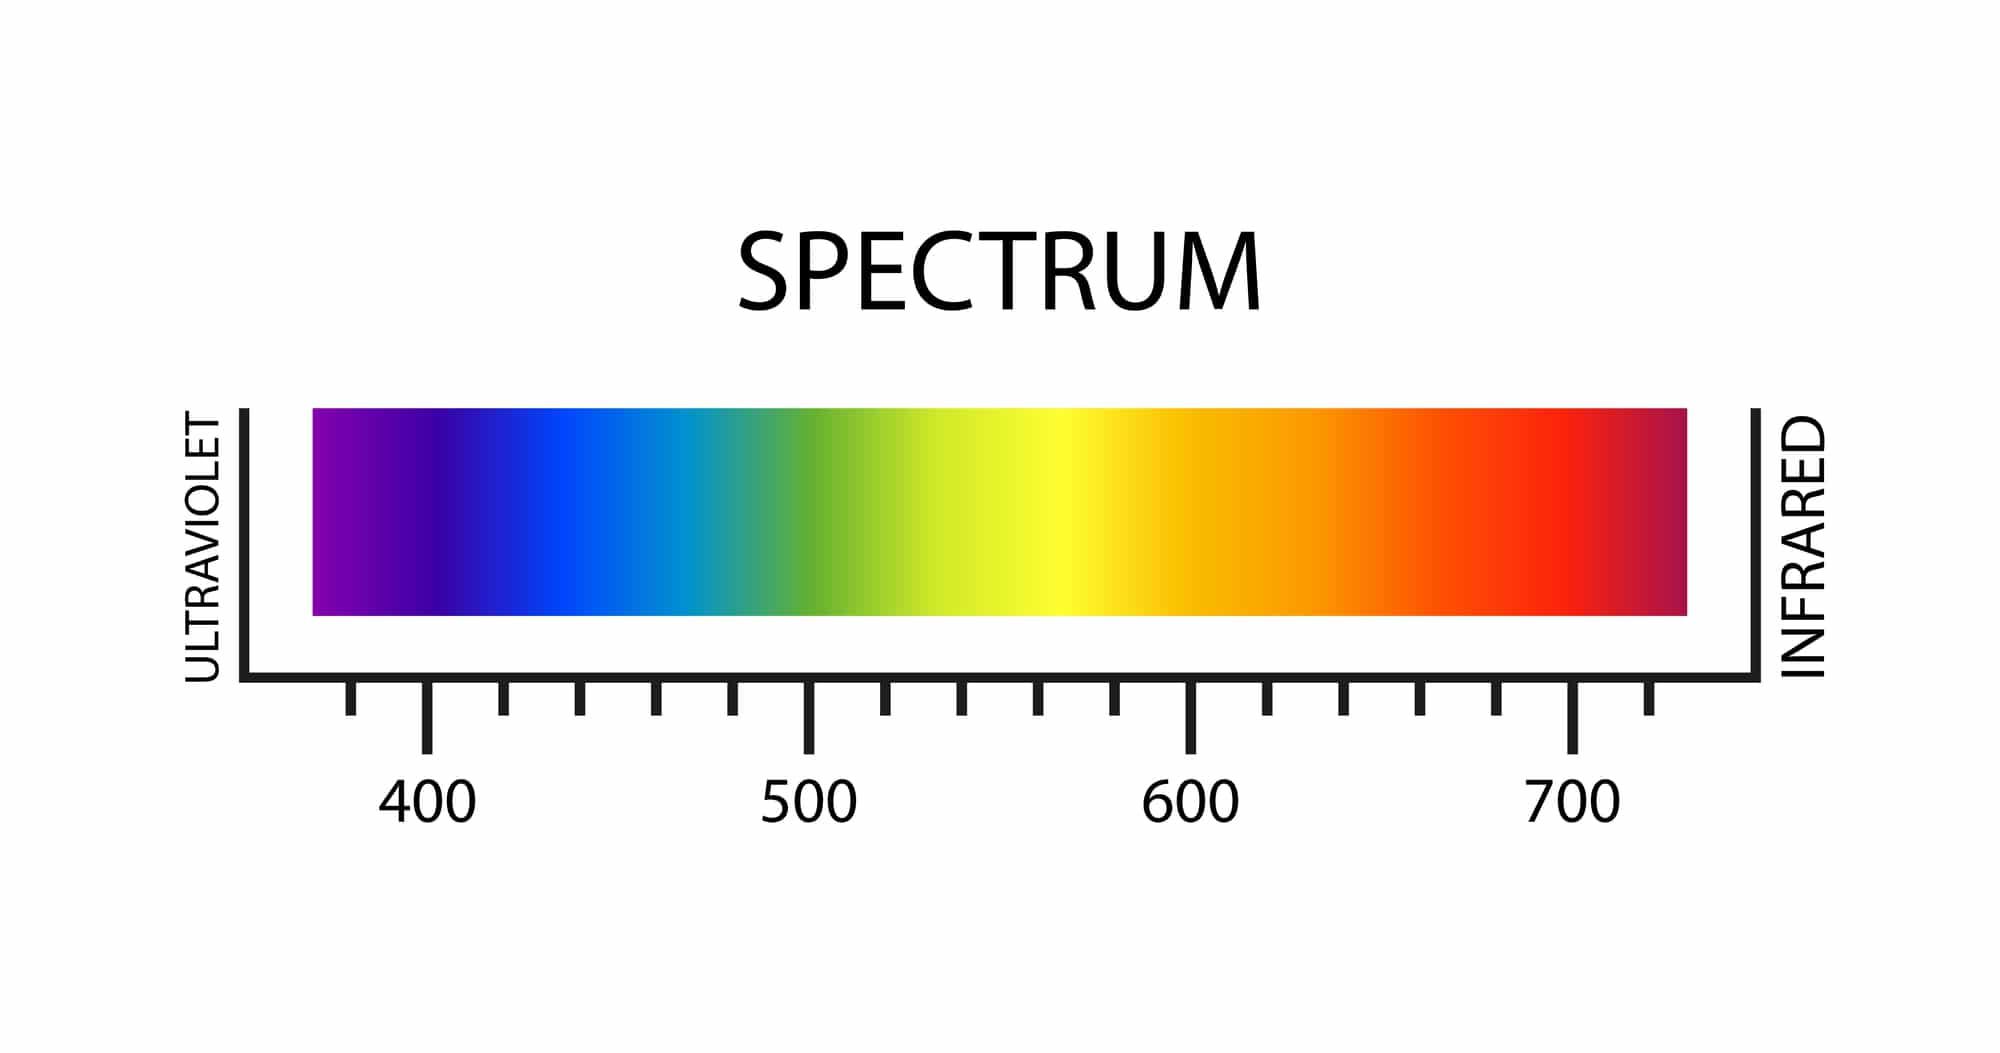 ספקטרום הצבעים – אופטיקה יפעת אופטומטריסטית מוסמכת